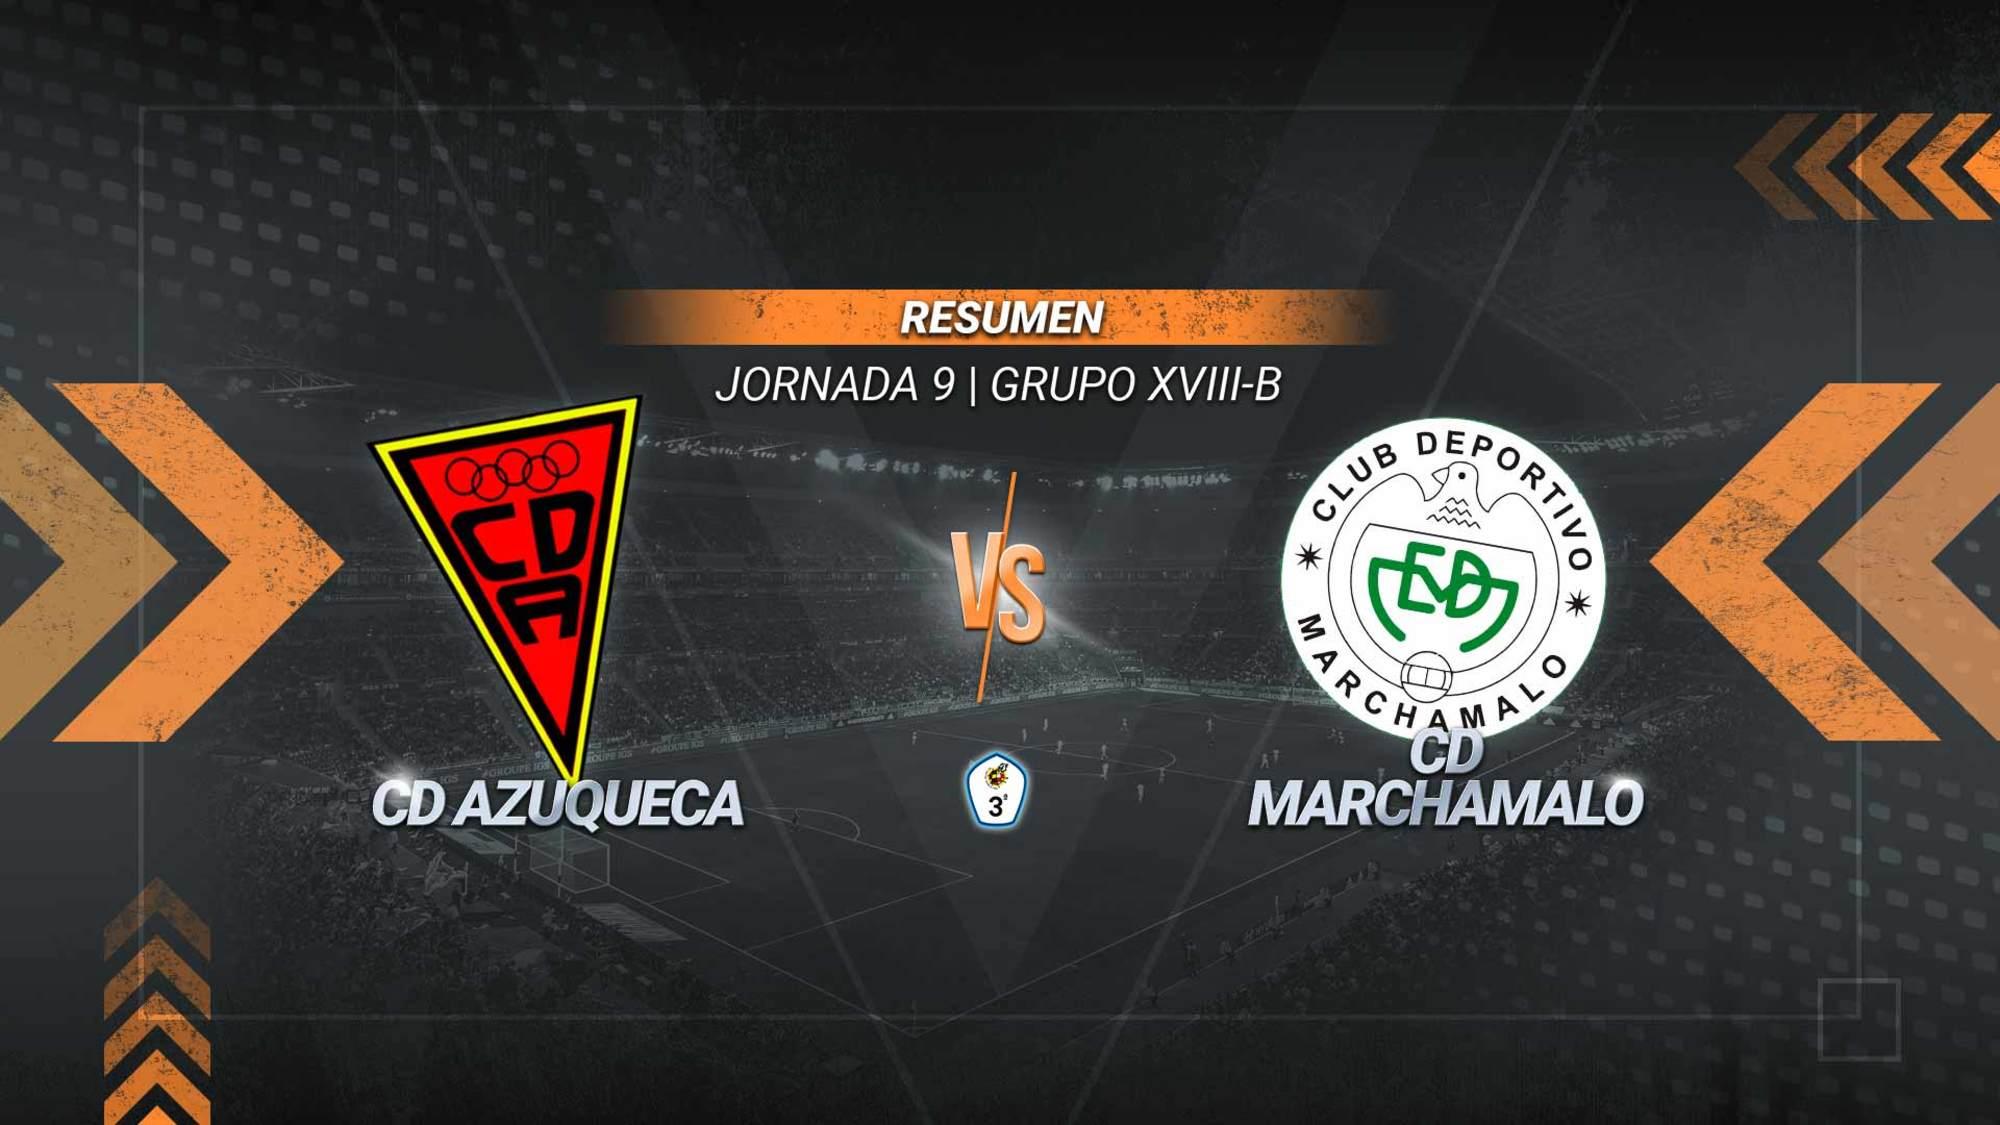 El Marchamalo asalta Azuqueca y logra su cuarta victoria seguida. Los goles de Víctor Illana y Carlos Fernández aúpan a los gallardos hasta los dieciséis puntos. Los azudenses, en los que anotó Chan, se mantienen en la parte baja con siete.